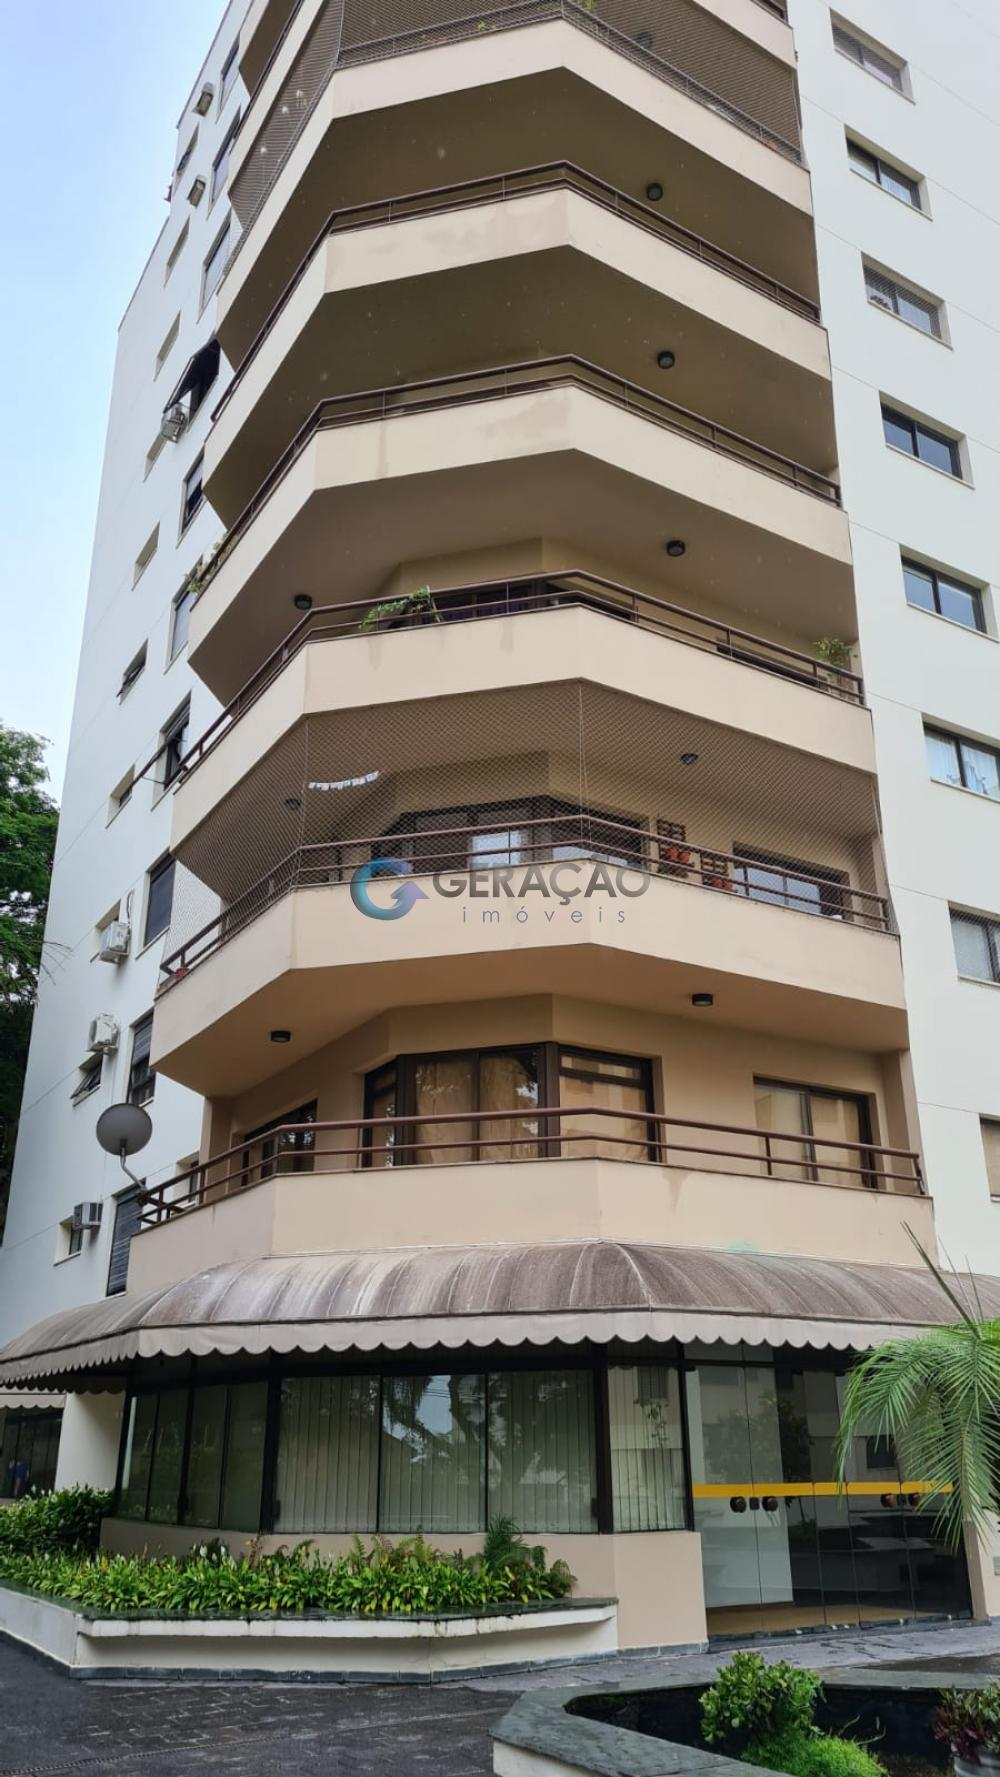 Alugar Apartamento / Padrão em São José dos Campos apenas R$ 3.500,00 - Foto 1